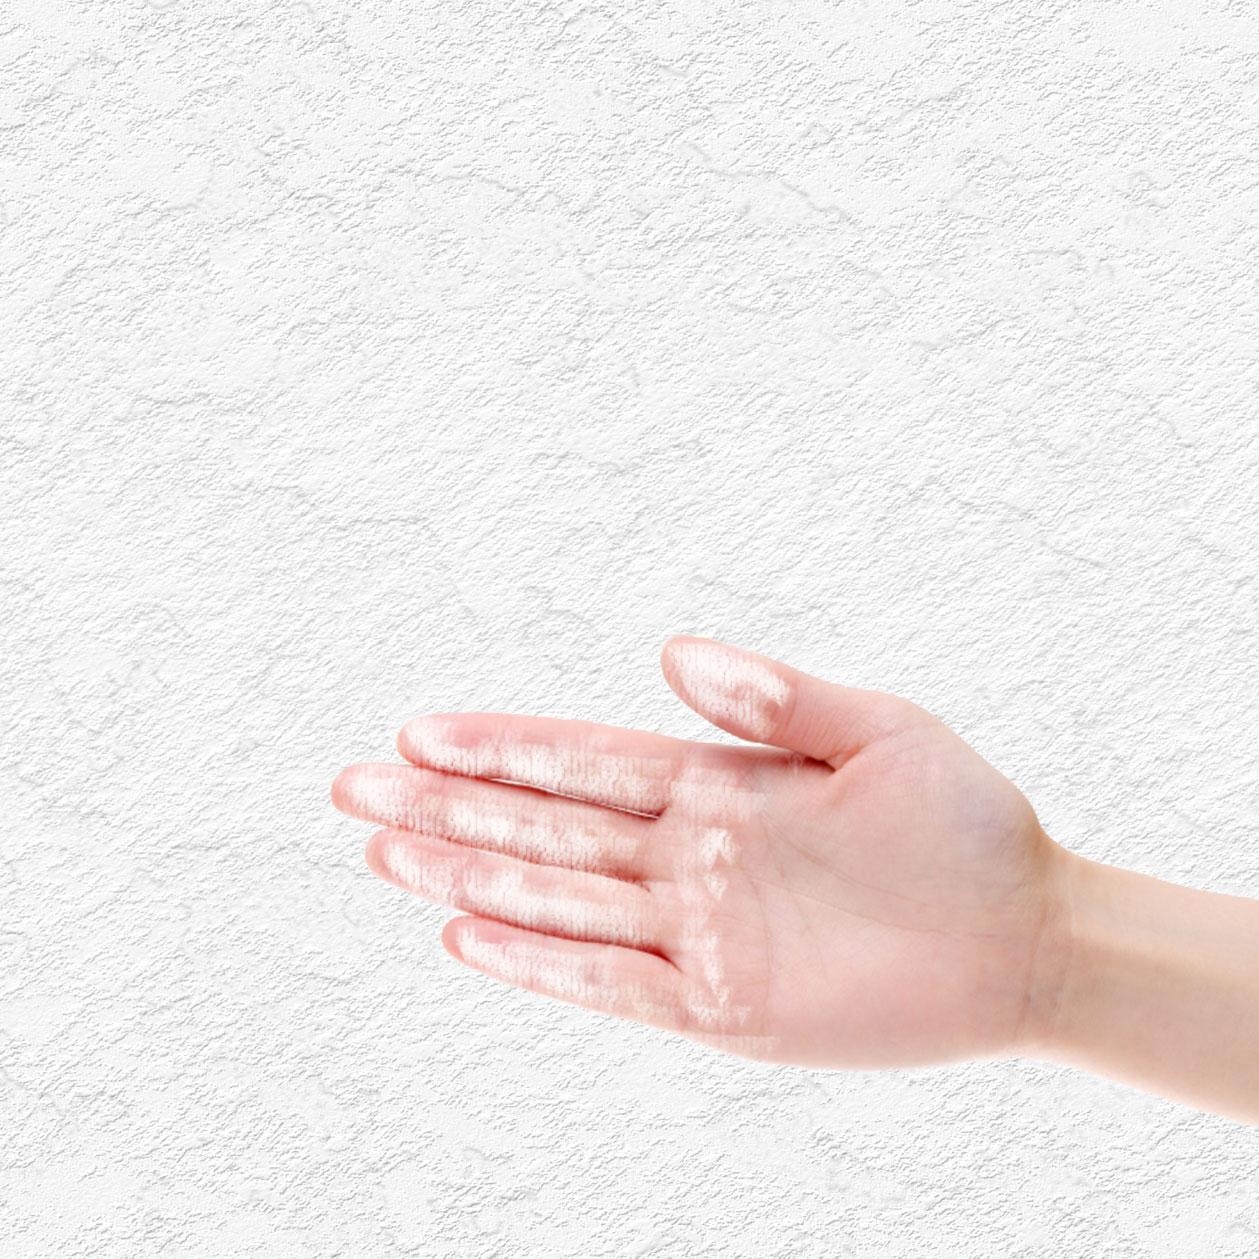 壁を触ると白くなる